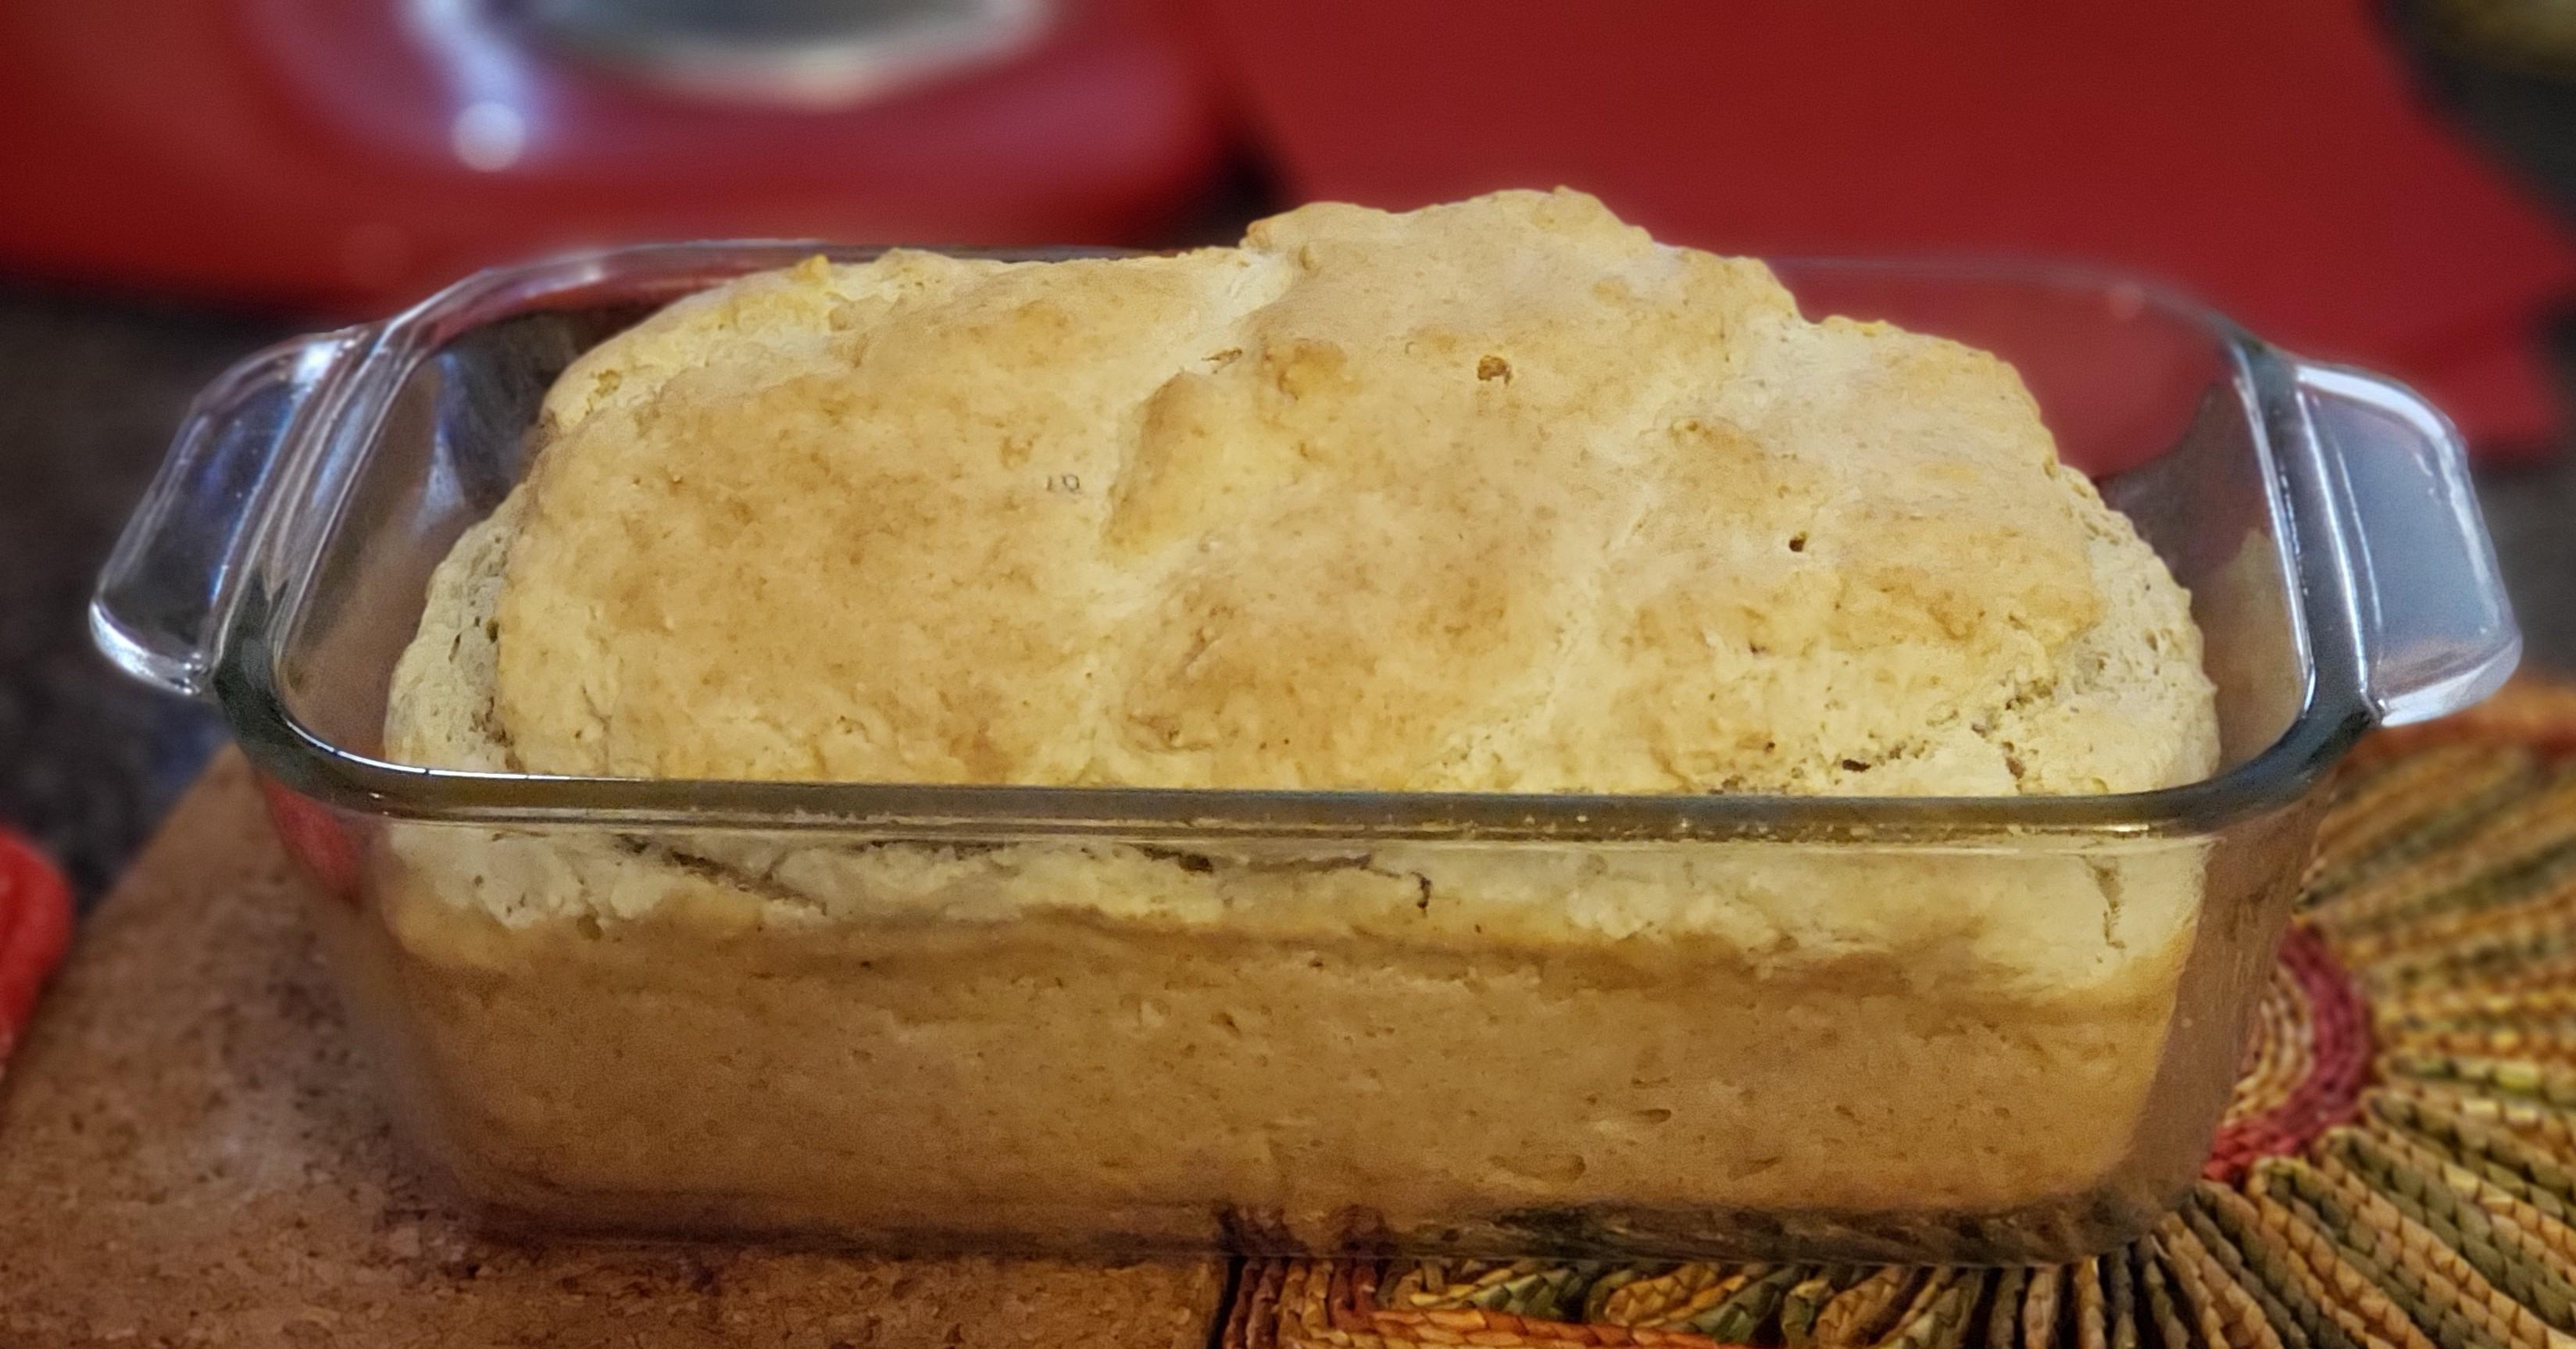 Loaf of Soberdough Italian Garlic Bread